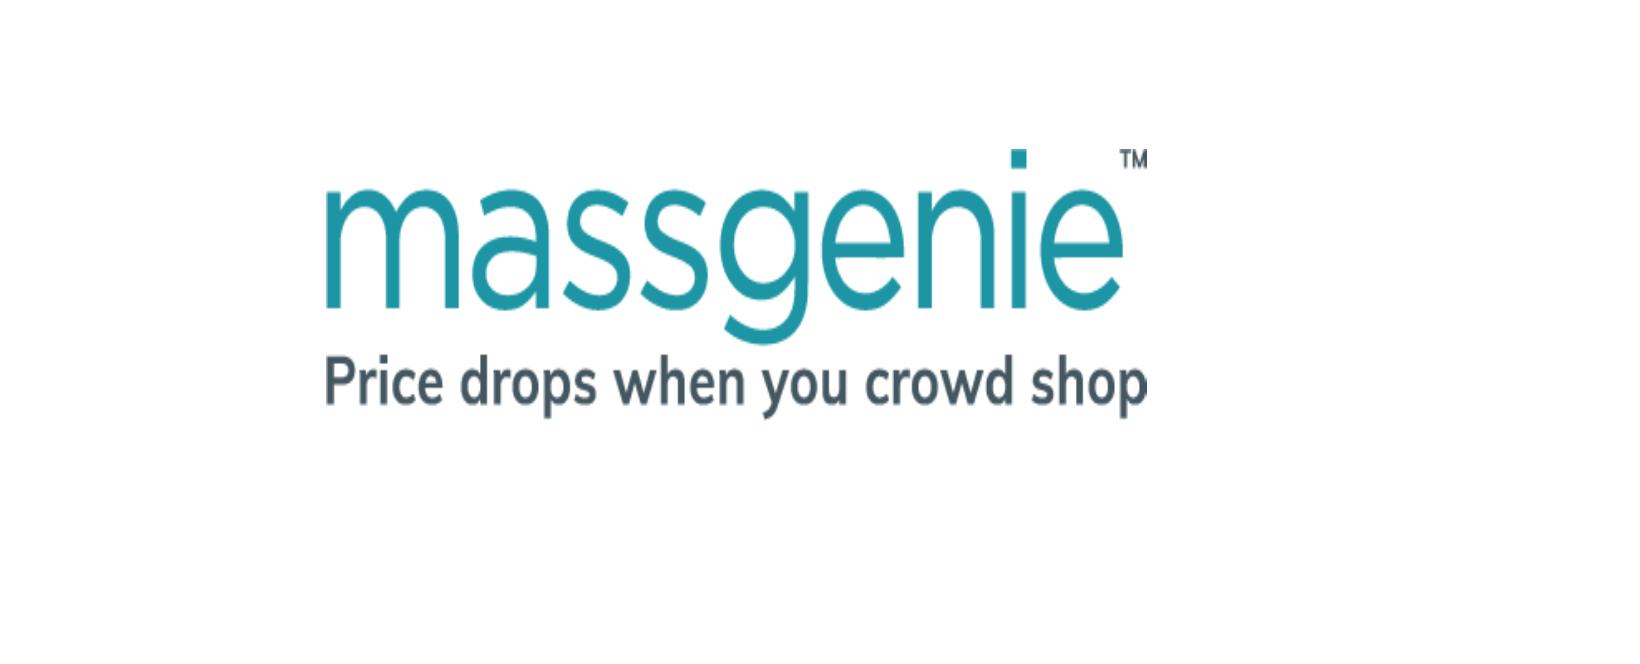 MassGenie Discount Code 2021